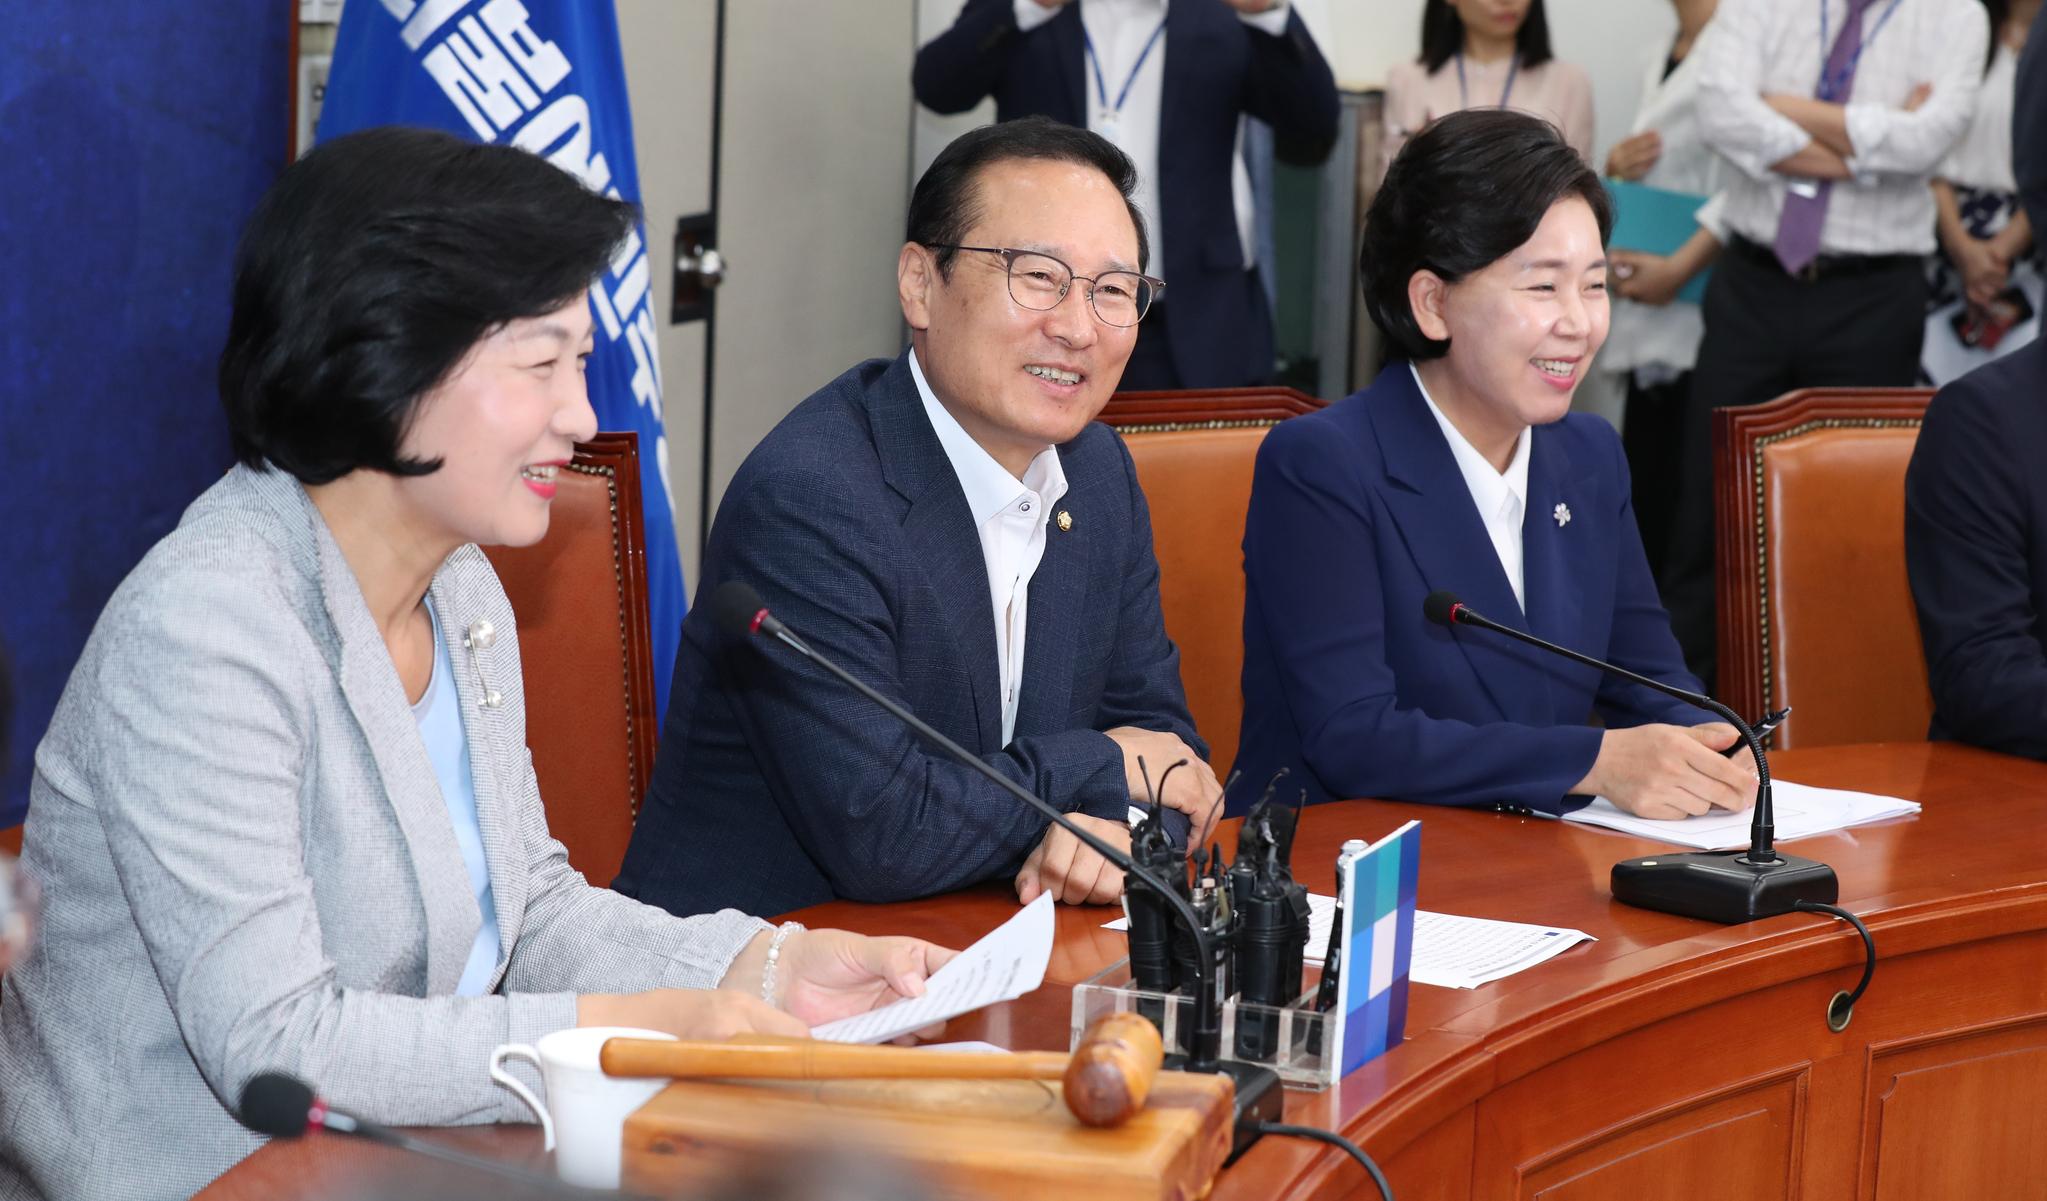 더불어민주당 추미애 대표, 홍영표 원내대표, 양향자 최고의원(왼쪽부터)이 밝게 웃고 있다. 임현동 기자